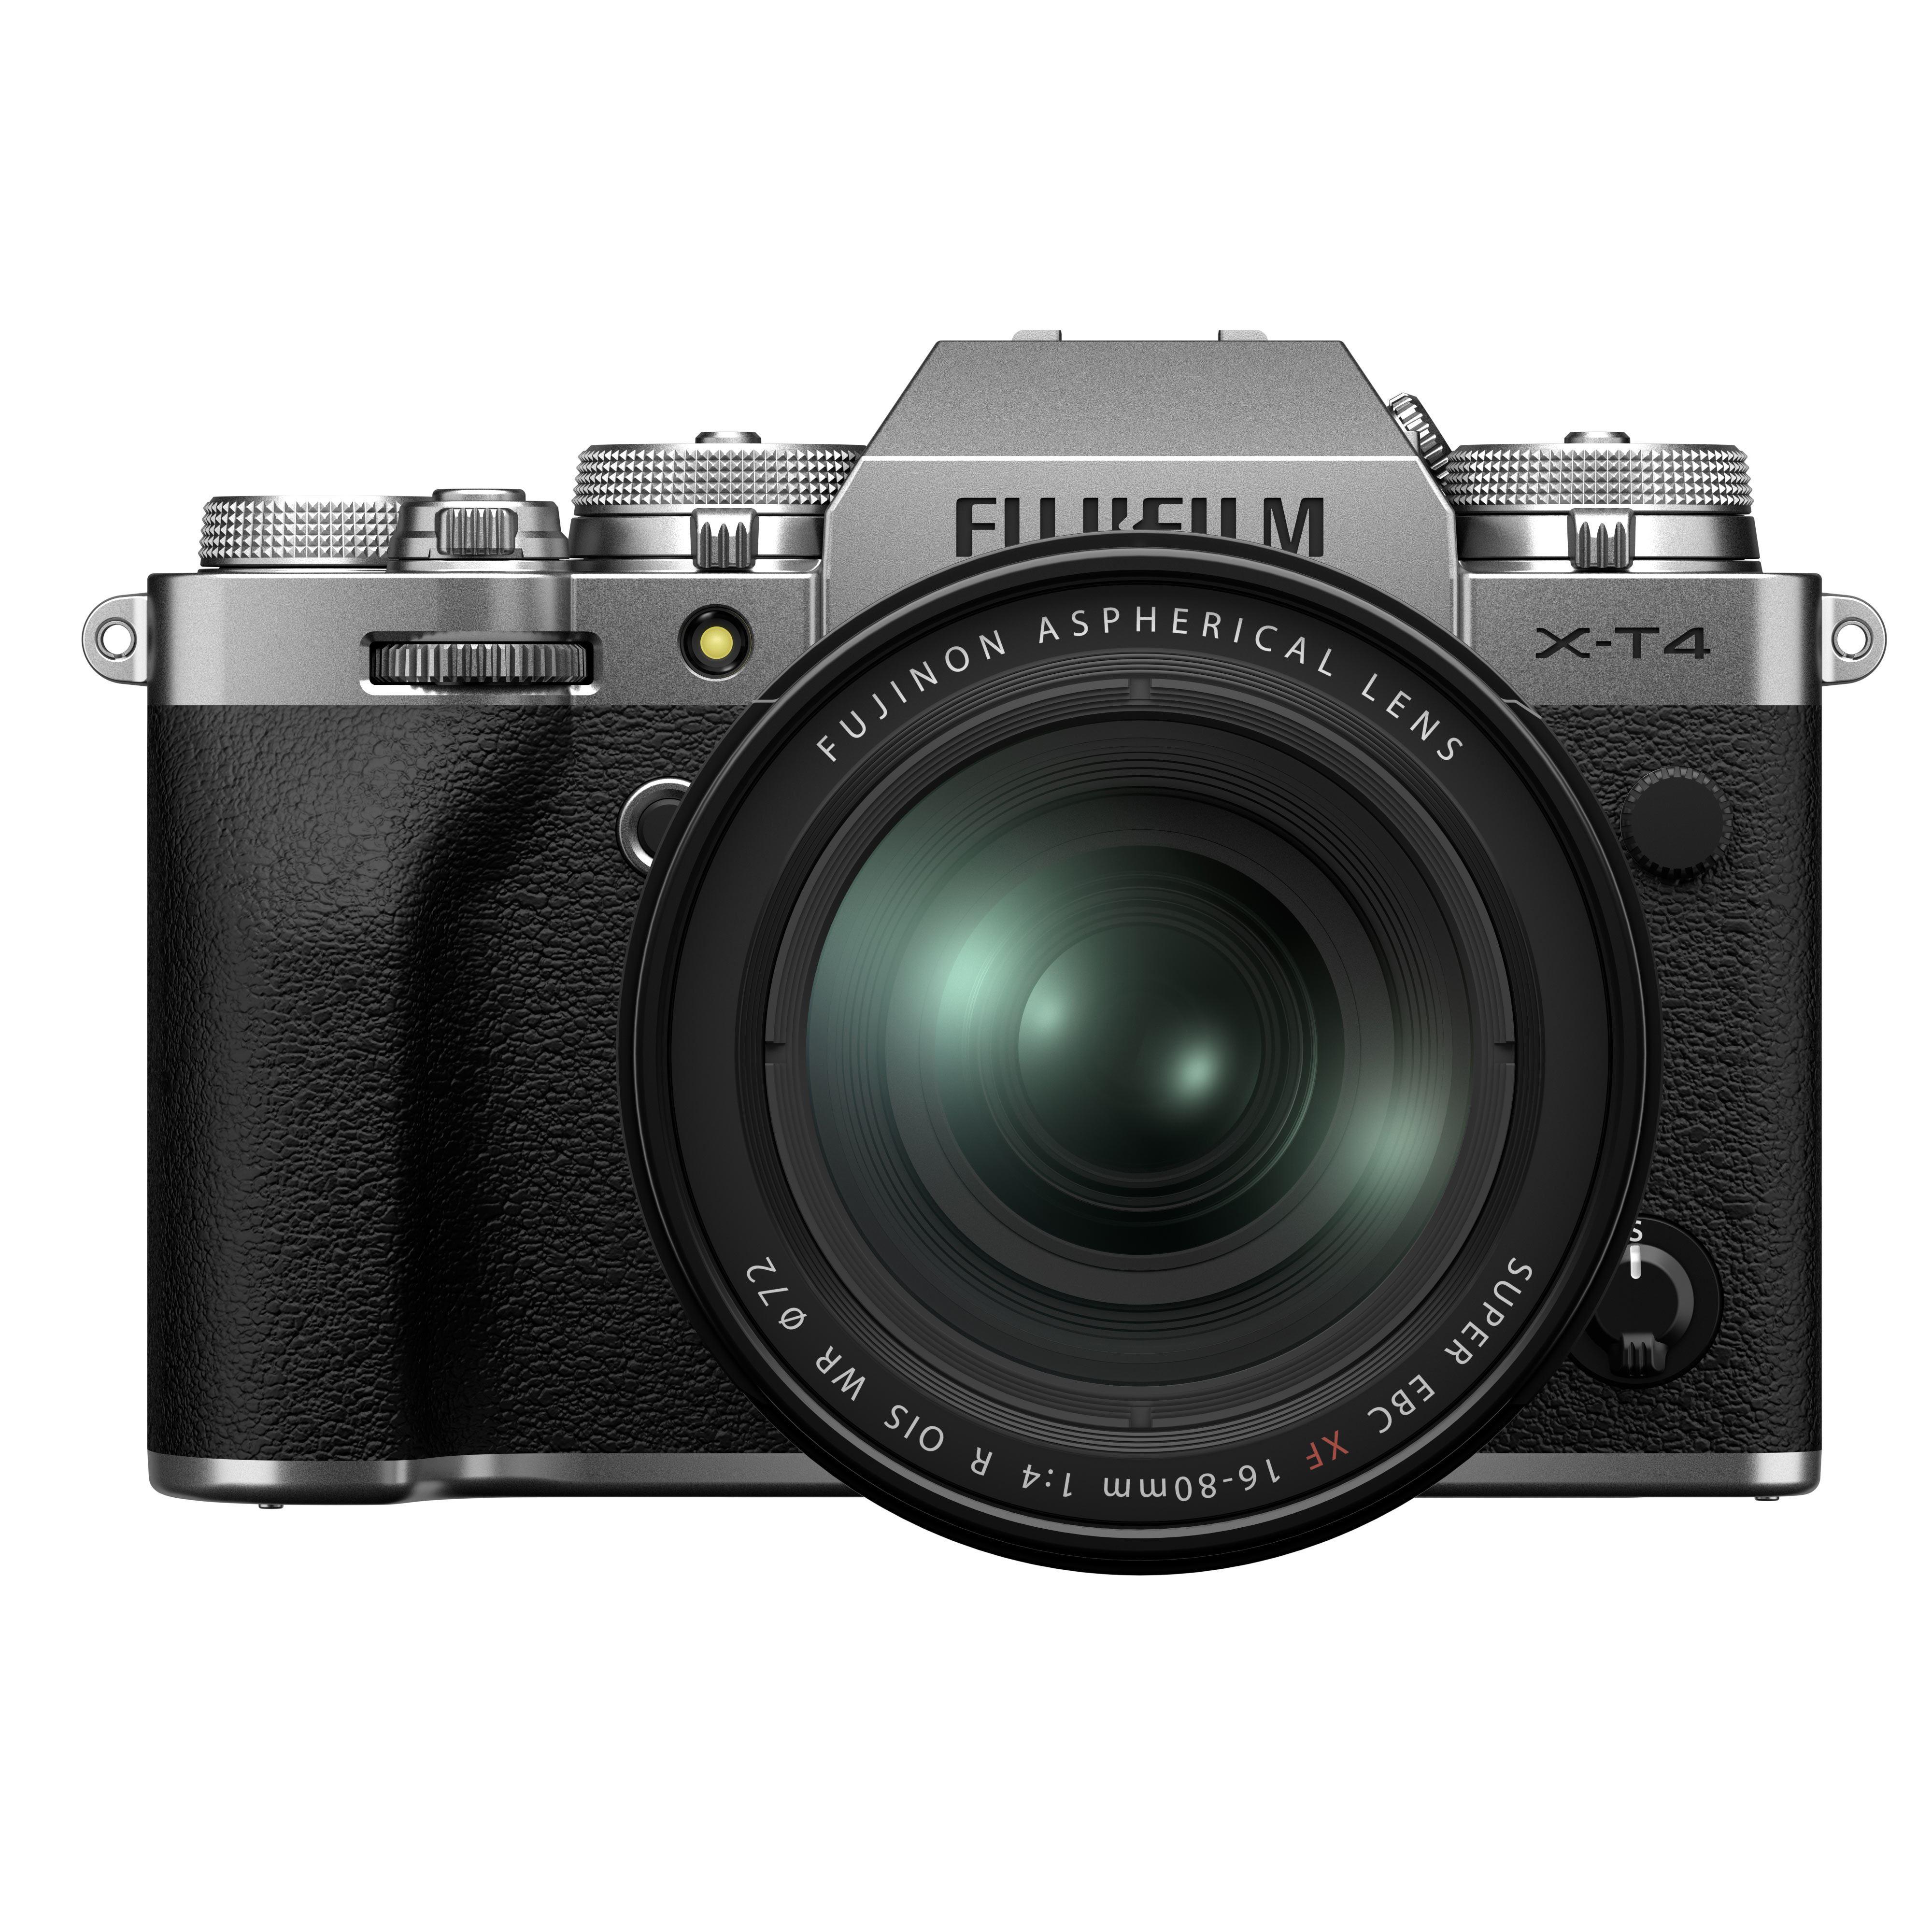 Fujifilm X-T4 Digital Camera with XF 16-80mm Lens - Silver